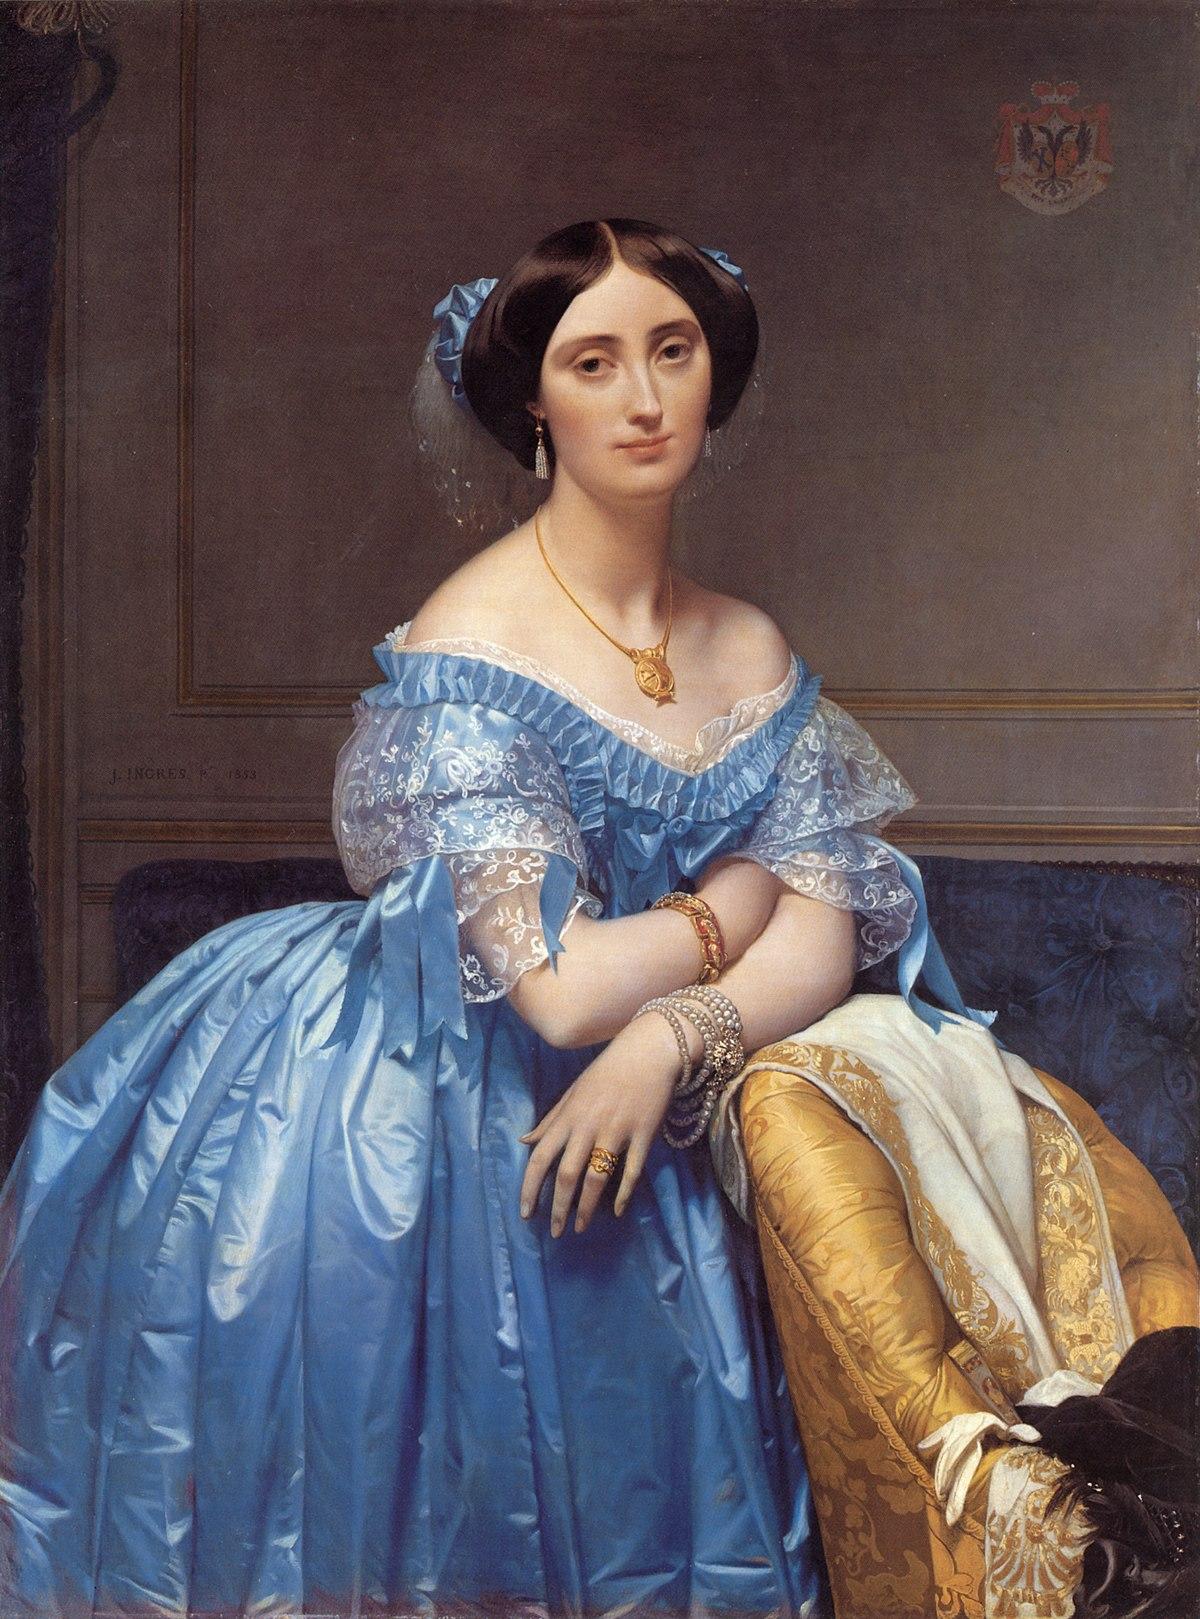 La princesse de broglie wikip dia - Image de princesse ...